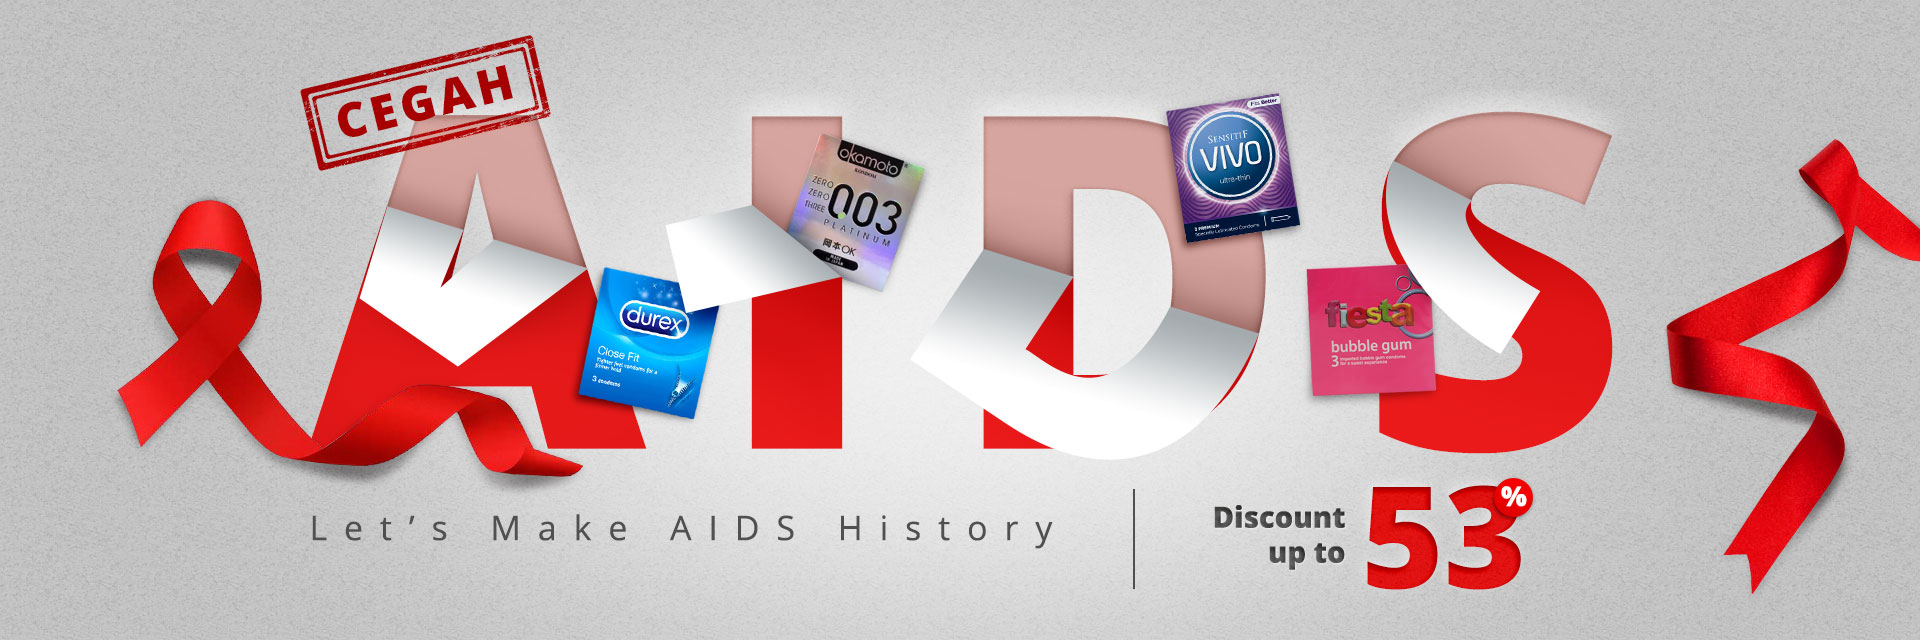 CEGAH AIDS